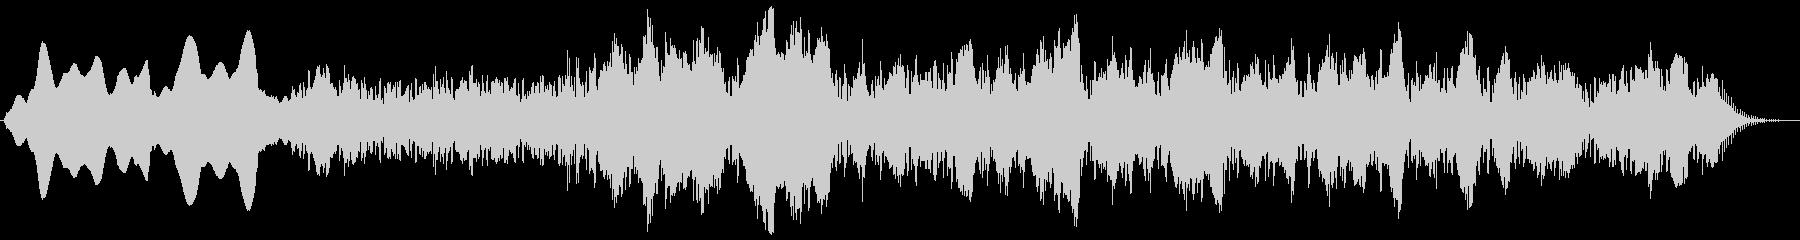 アンビエント,機械的なノイズの未再生の波形